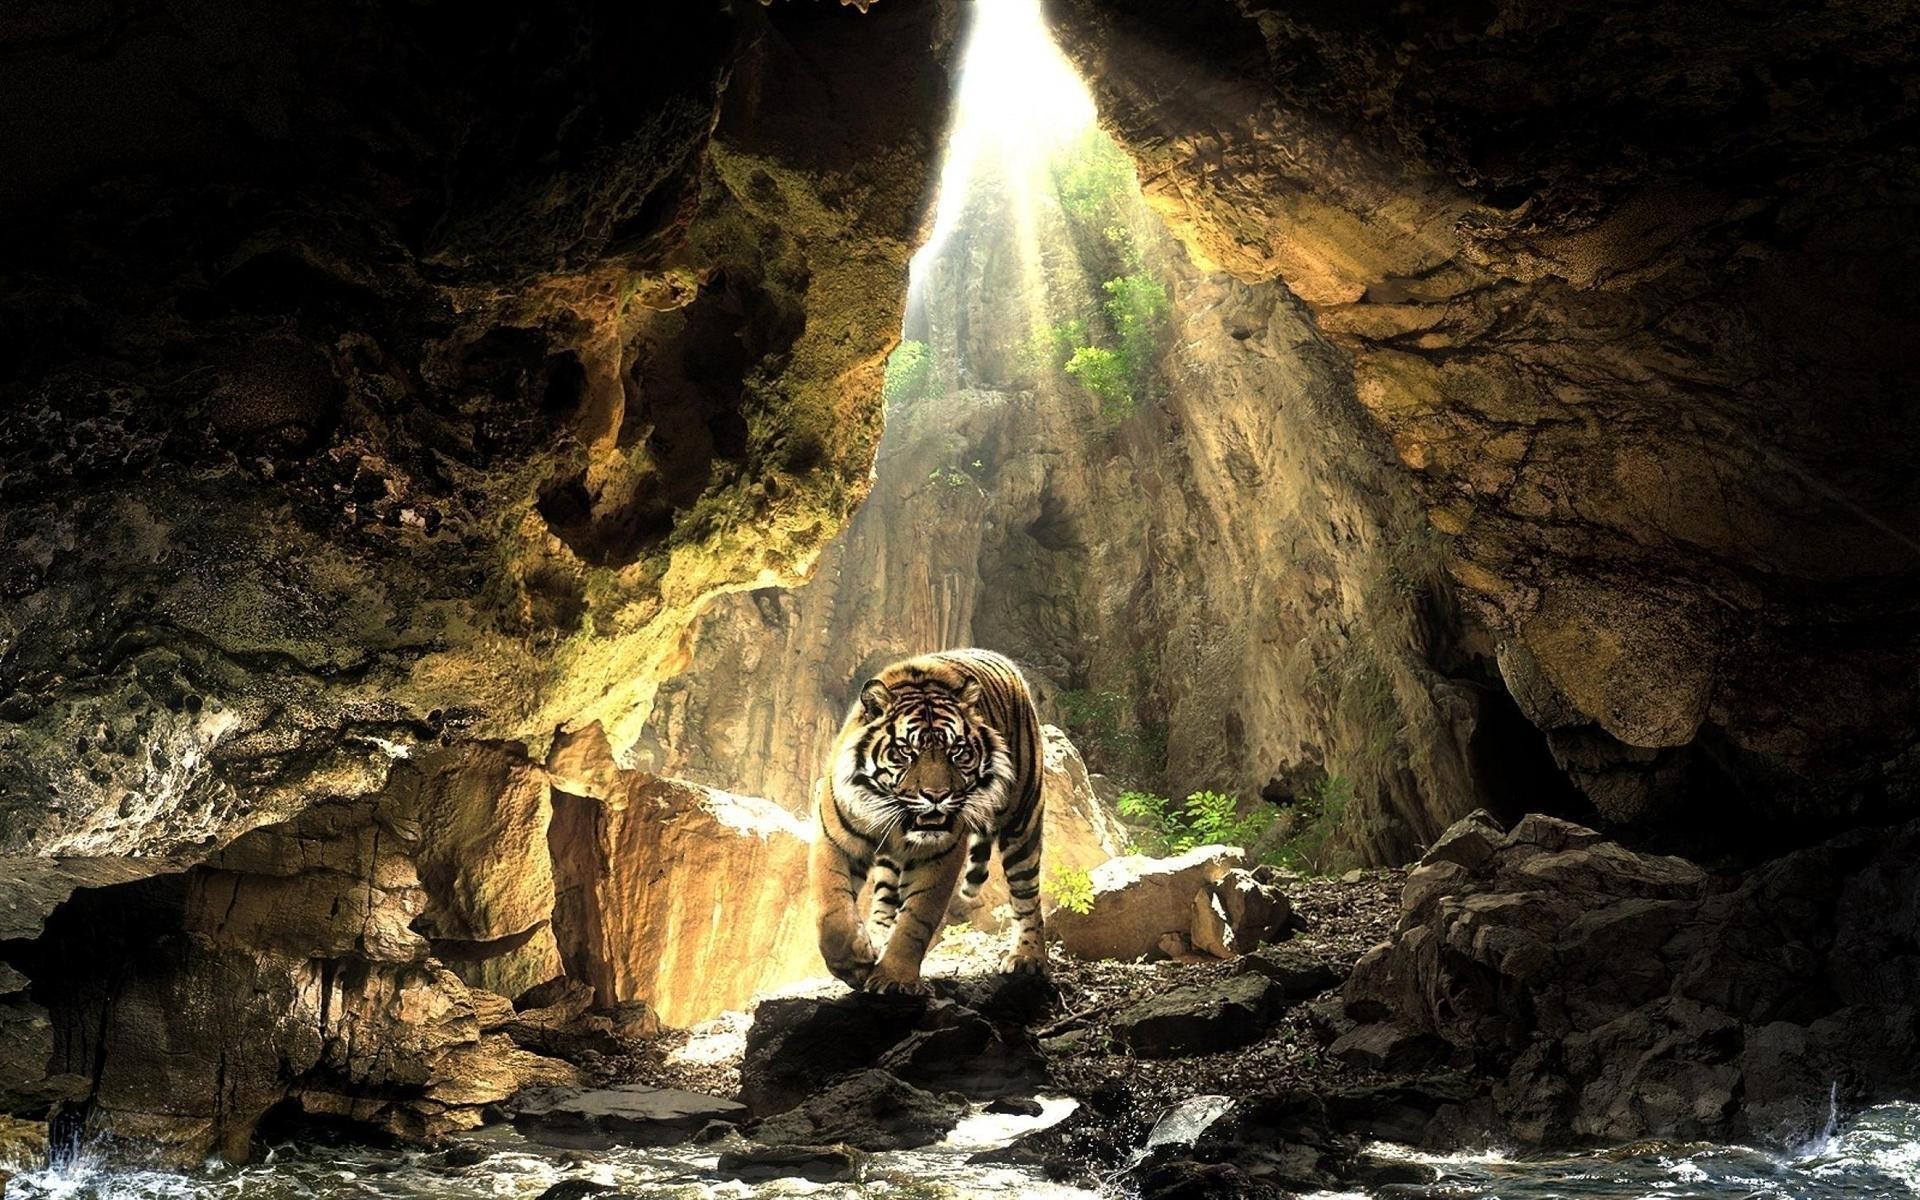 48663 завантажити шпалери Природа, Тигри, Тварини, Пейзаж - заставки і картинки безкоштовно